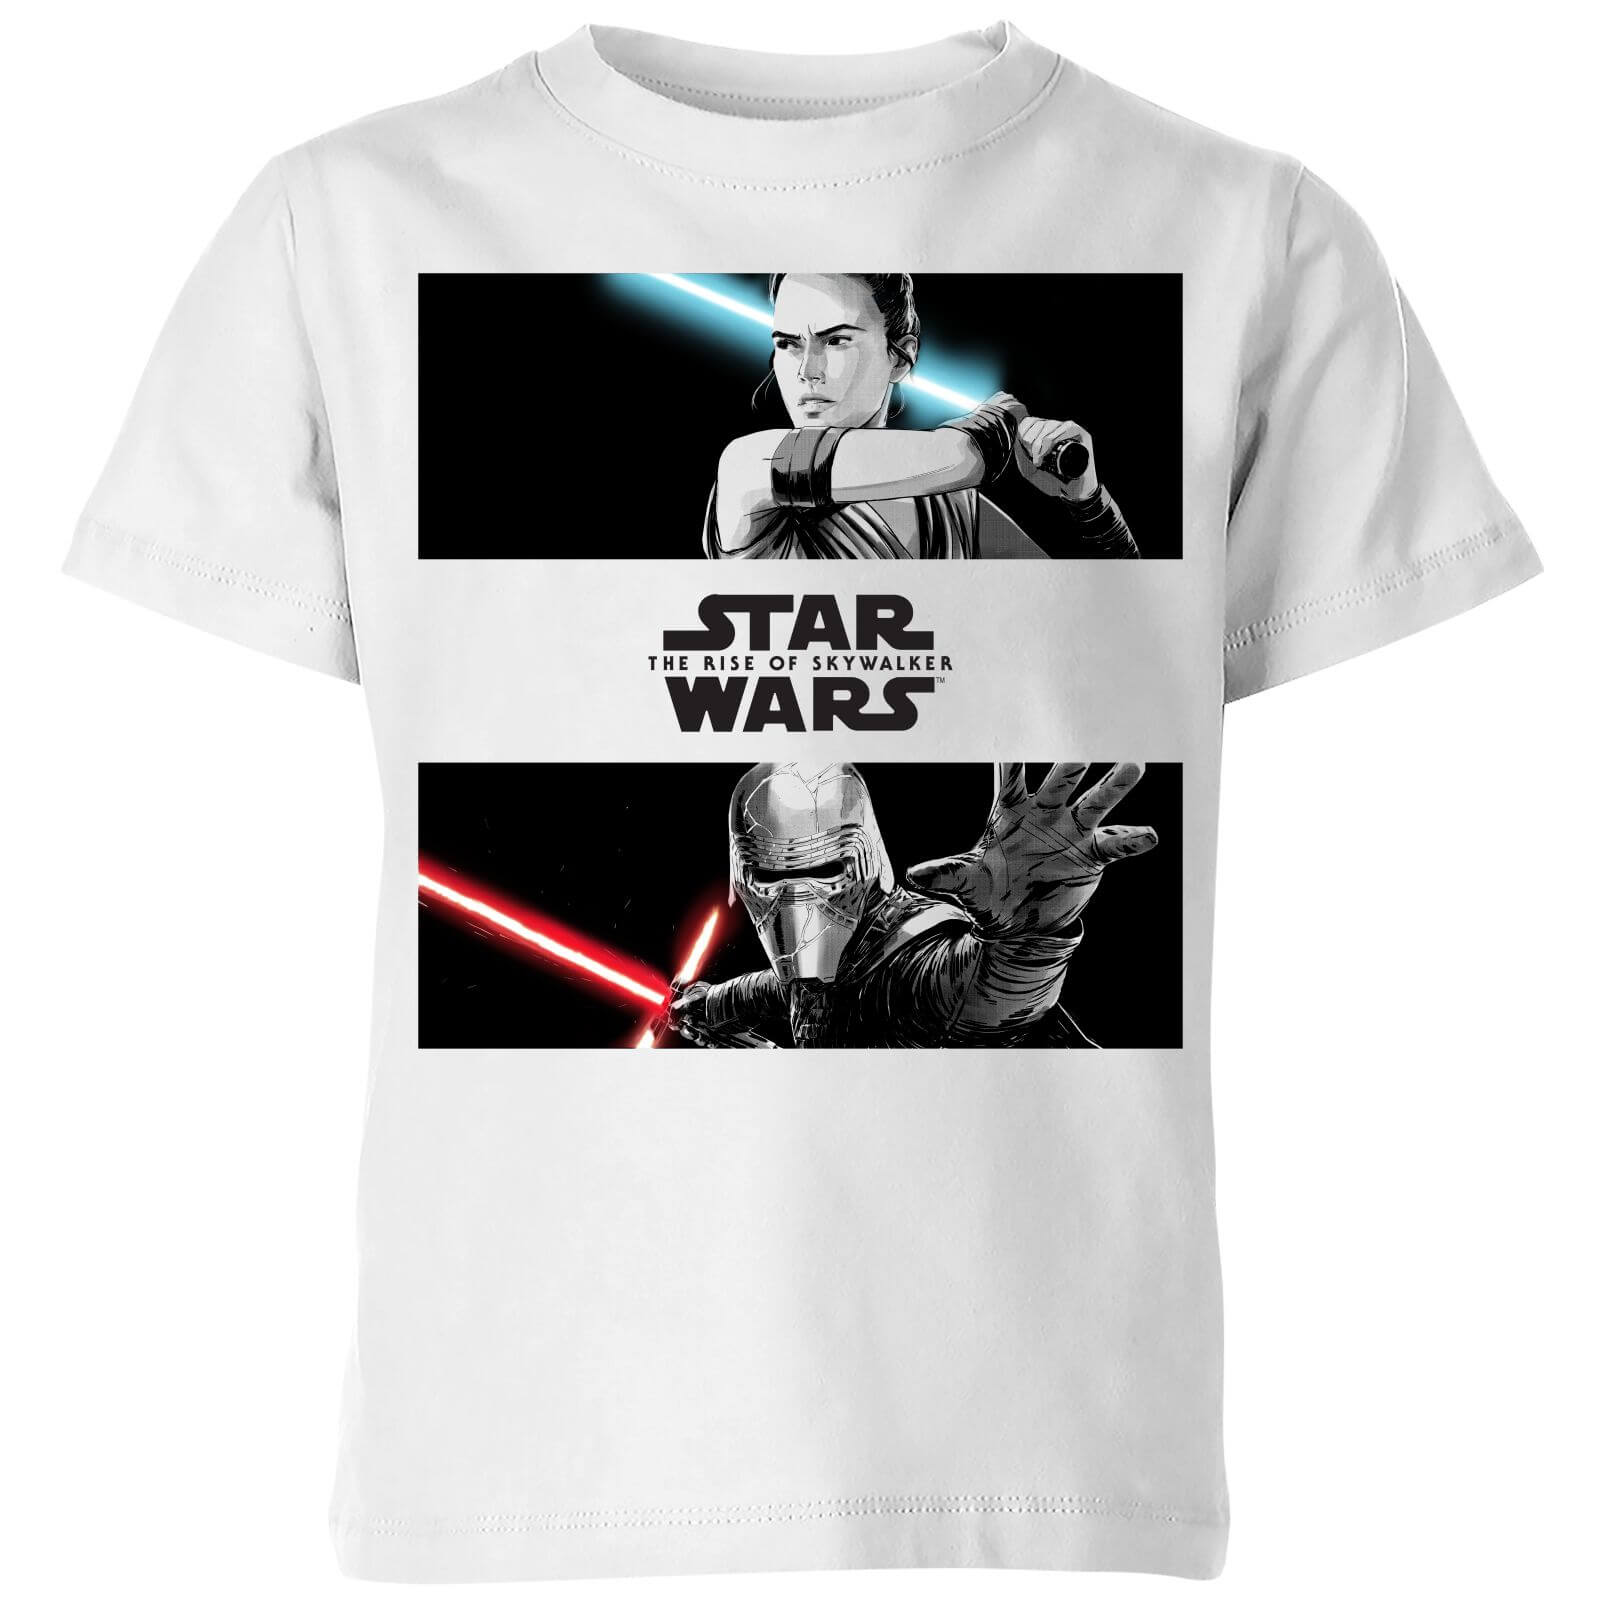 The Rise of Skywalker -Rey Vs Kylo Kinder T-Shirt - Weiß - Unisex - 5-6 Jahre - Weiß